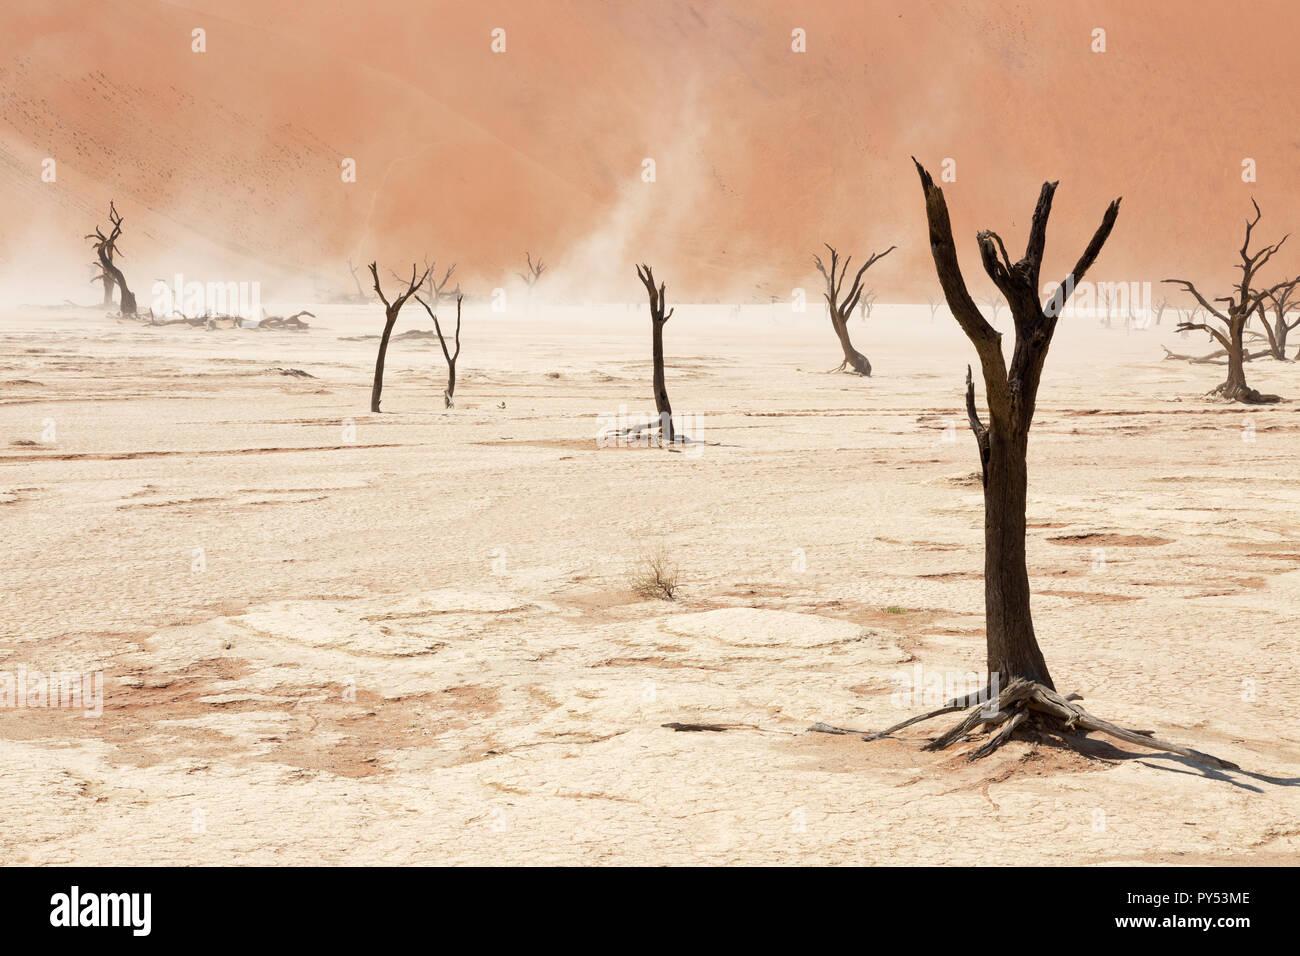 Deadvlei Namibie Afrique du Sud - le vent remue le sable et le sel parmi les arbres morts, Deadvlei, Sossusvlei, Désert du Namib, le Namib Naukluft National Park, Namibie Banque D'Images